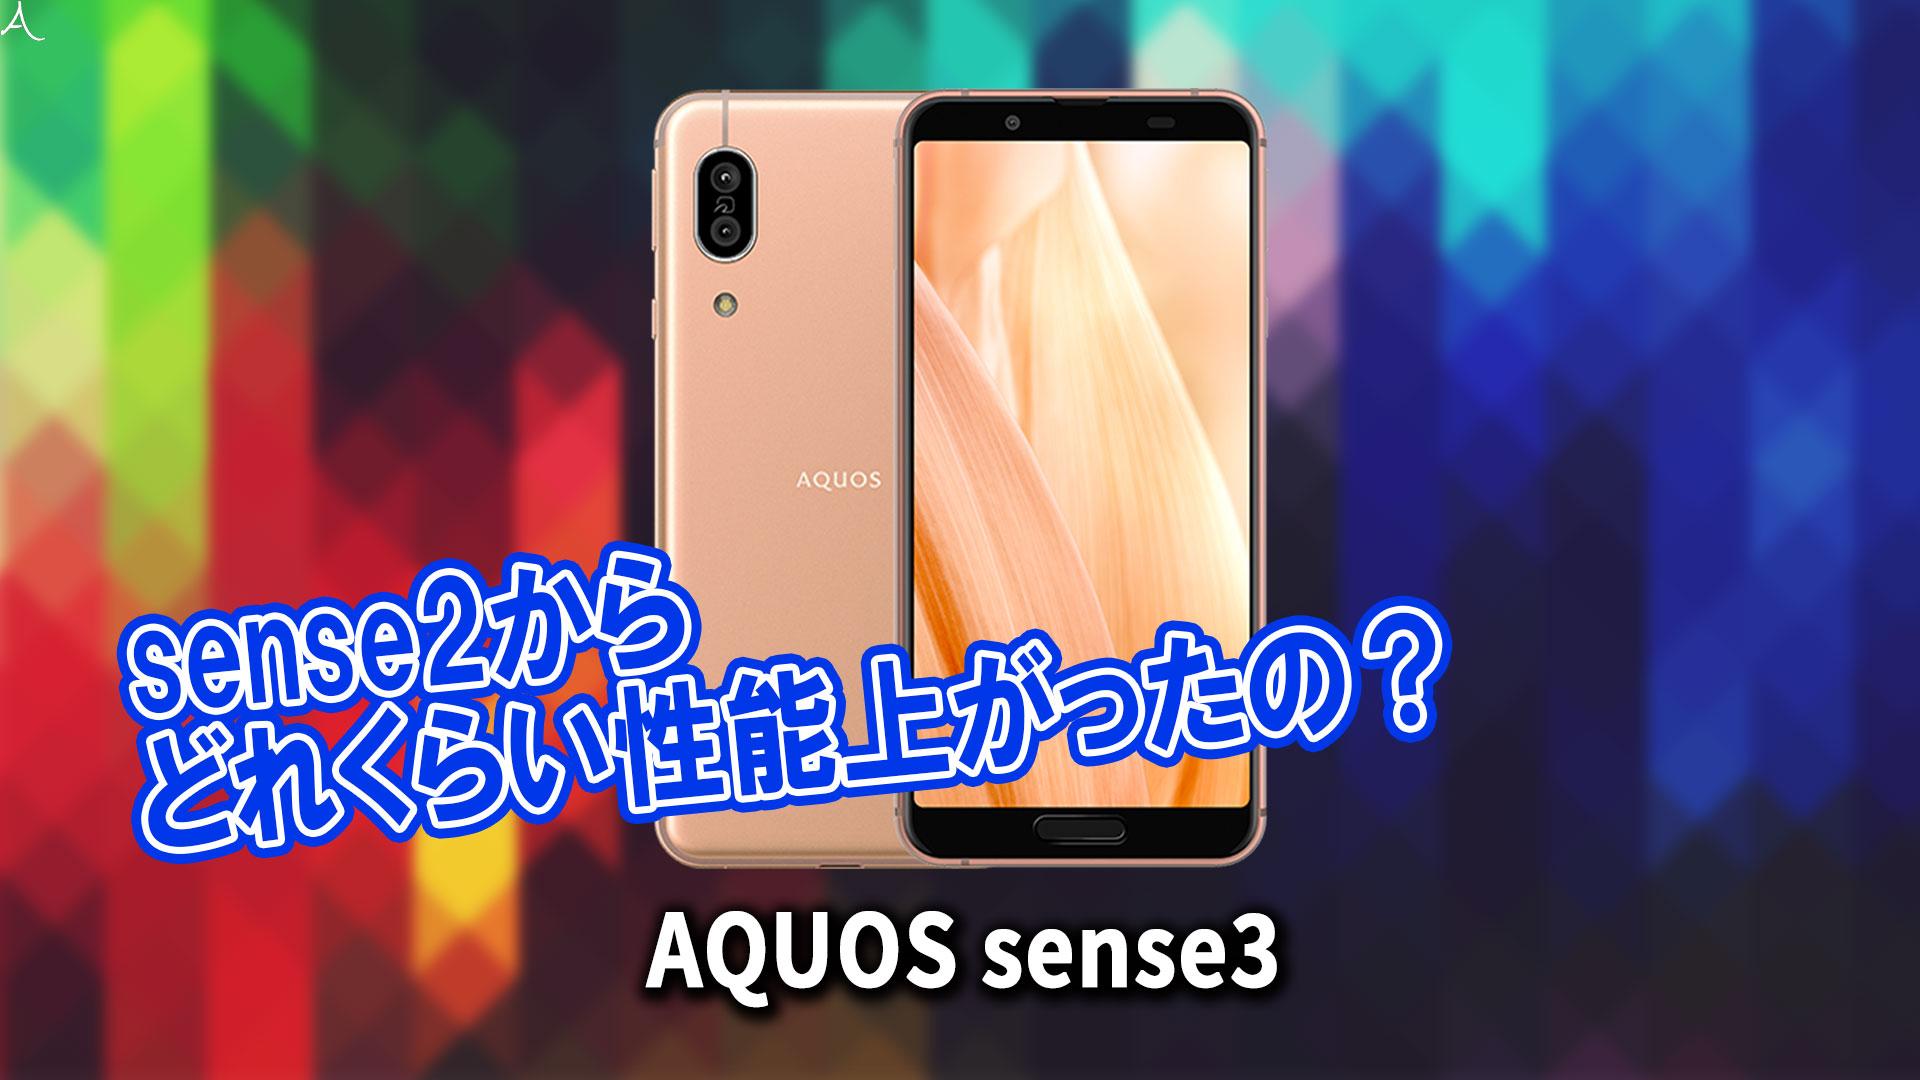 「AQUOS sense3」のチップセット(CPU)は何?性能をベンチマーク(Geekbench)で比較